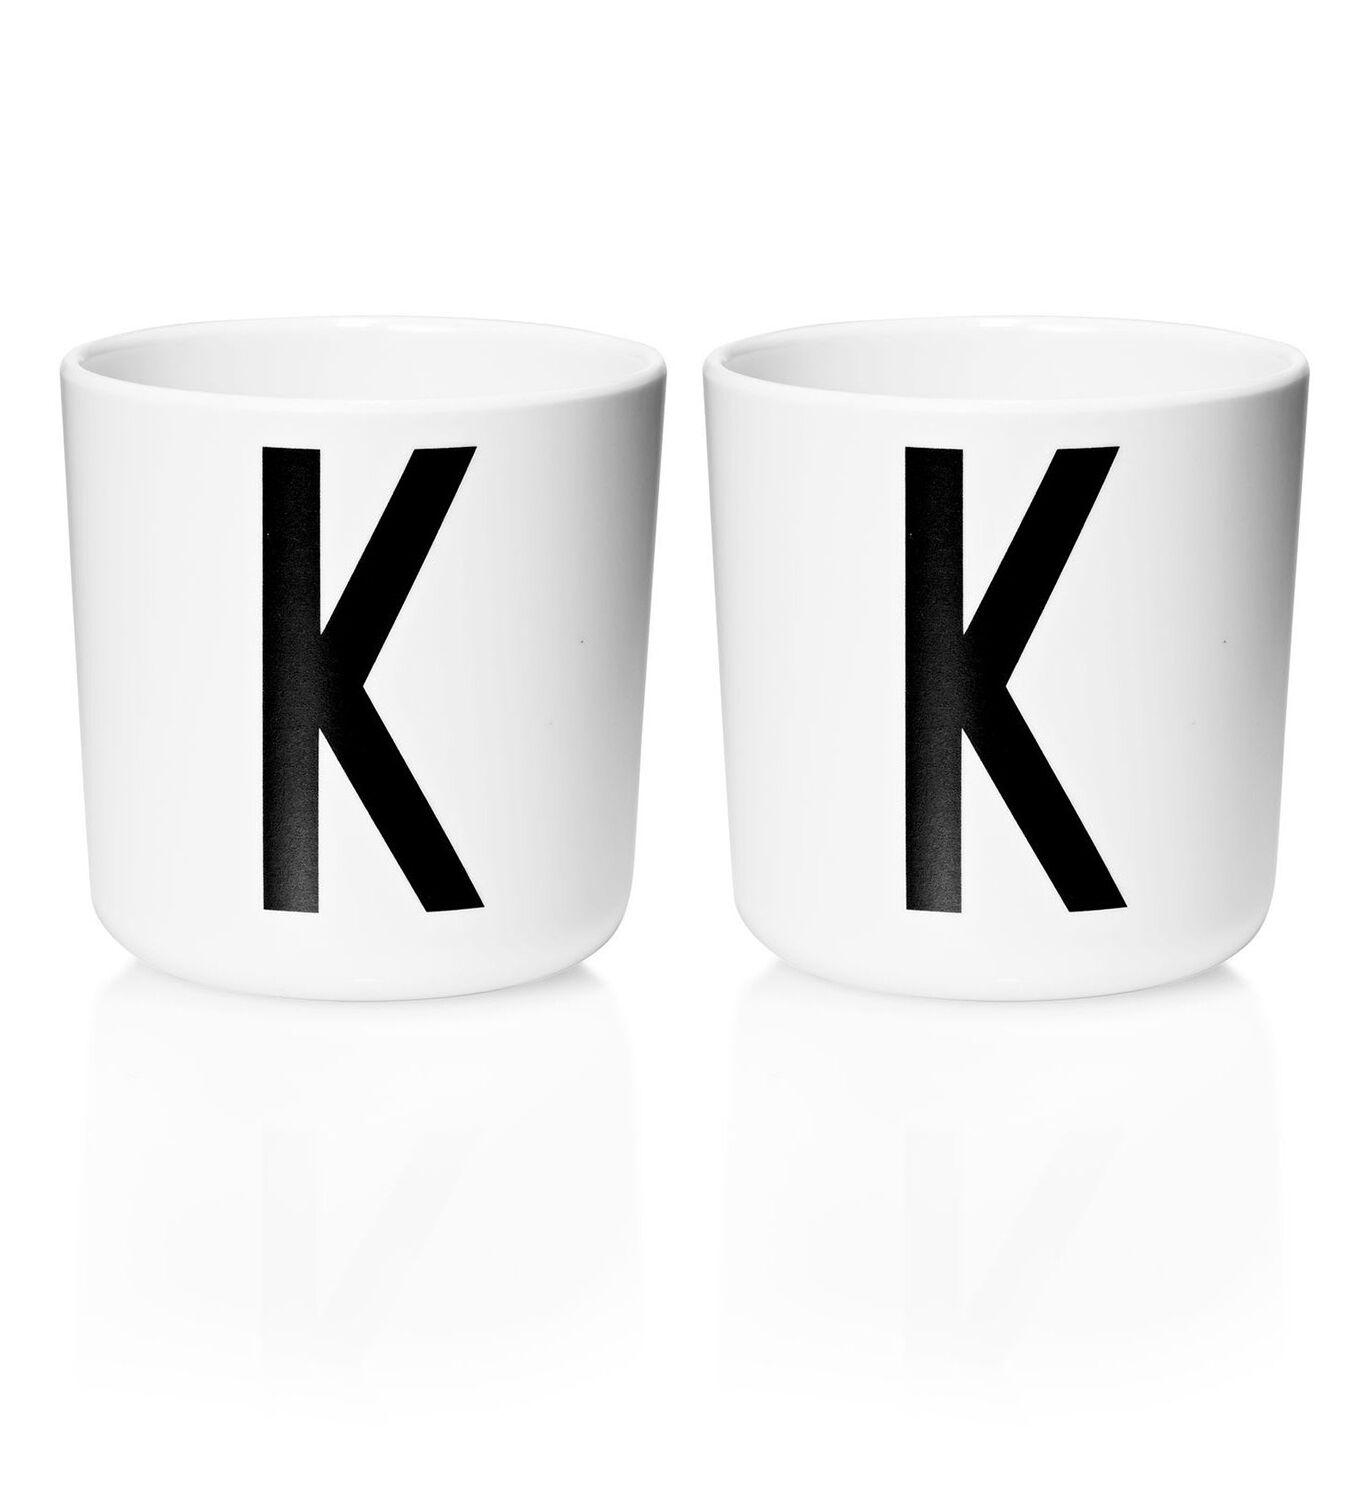 Design Letters - Personal Melamine Cup K - 2 pcs - White (Bundle)